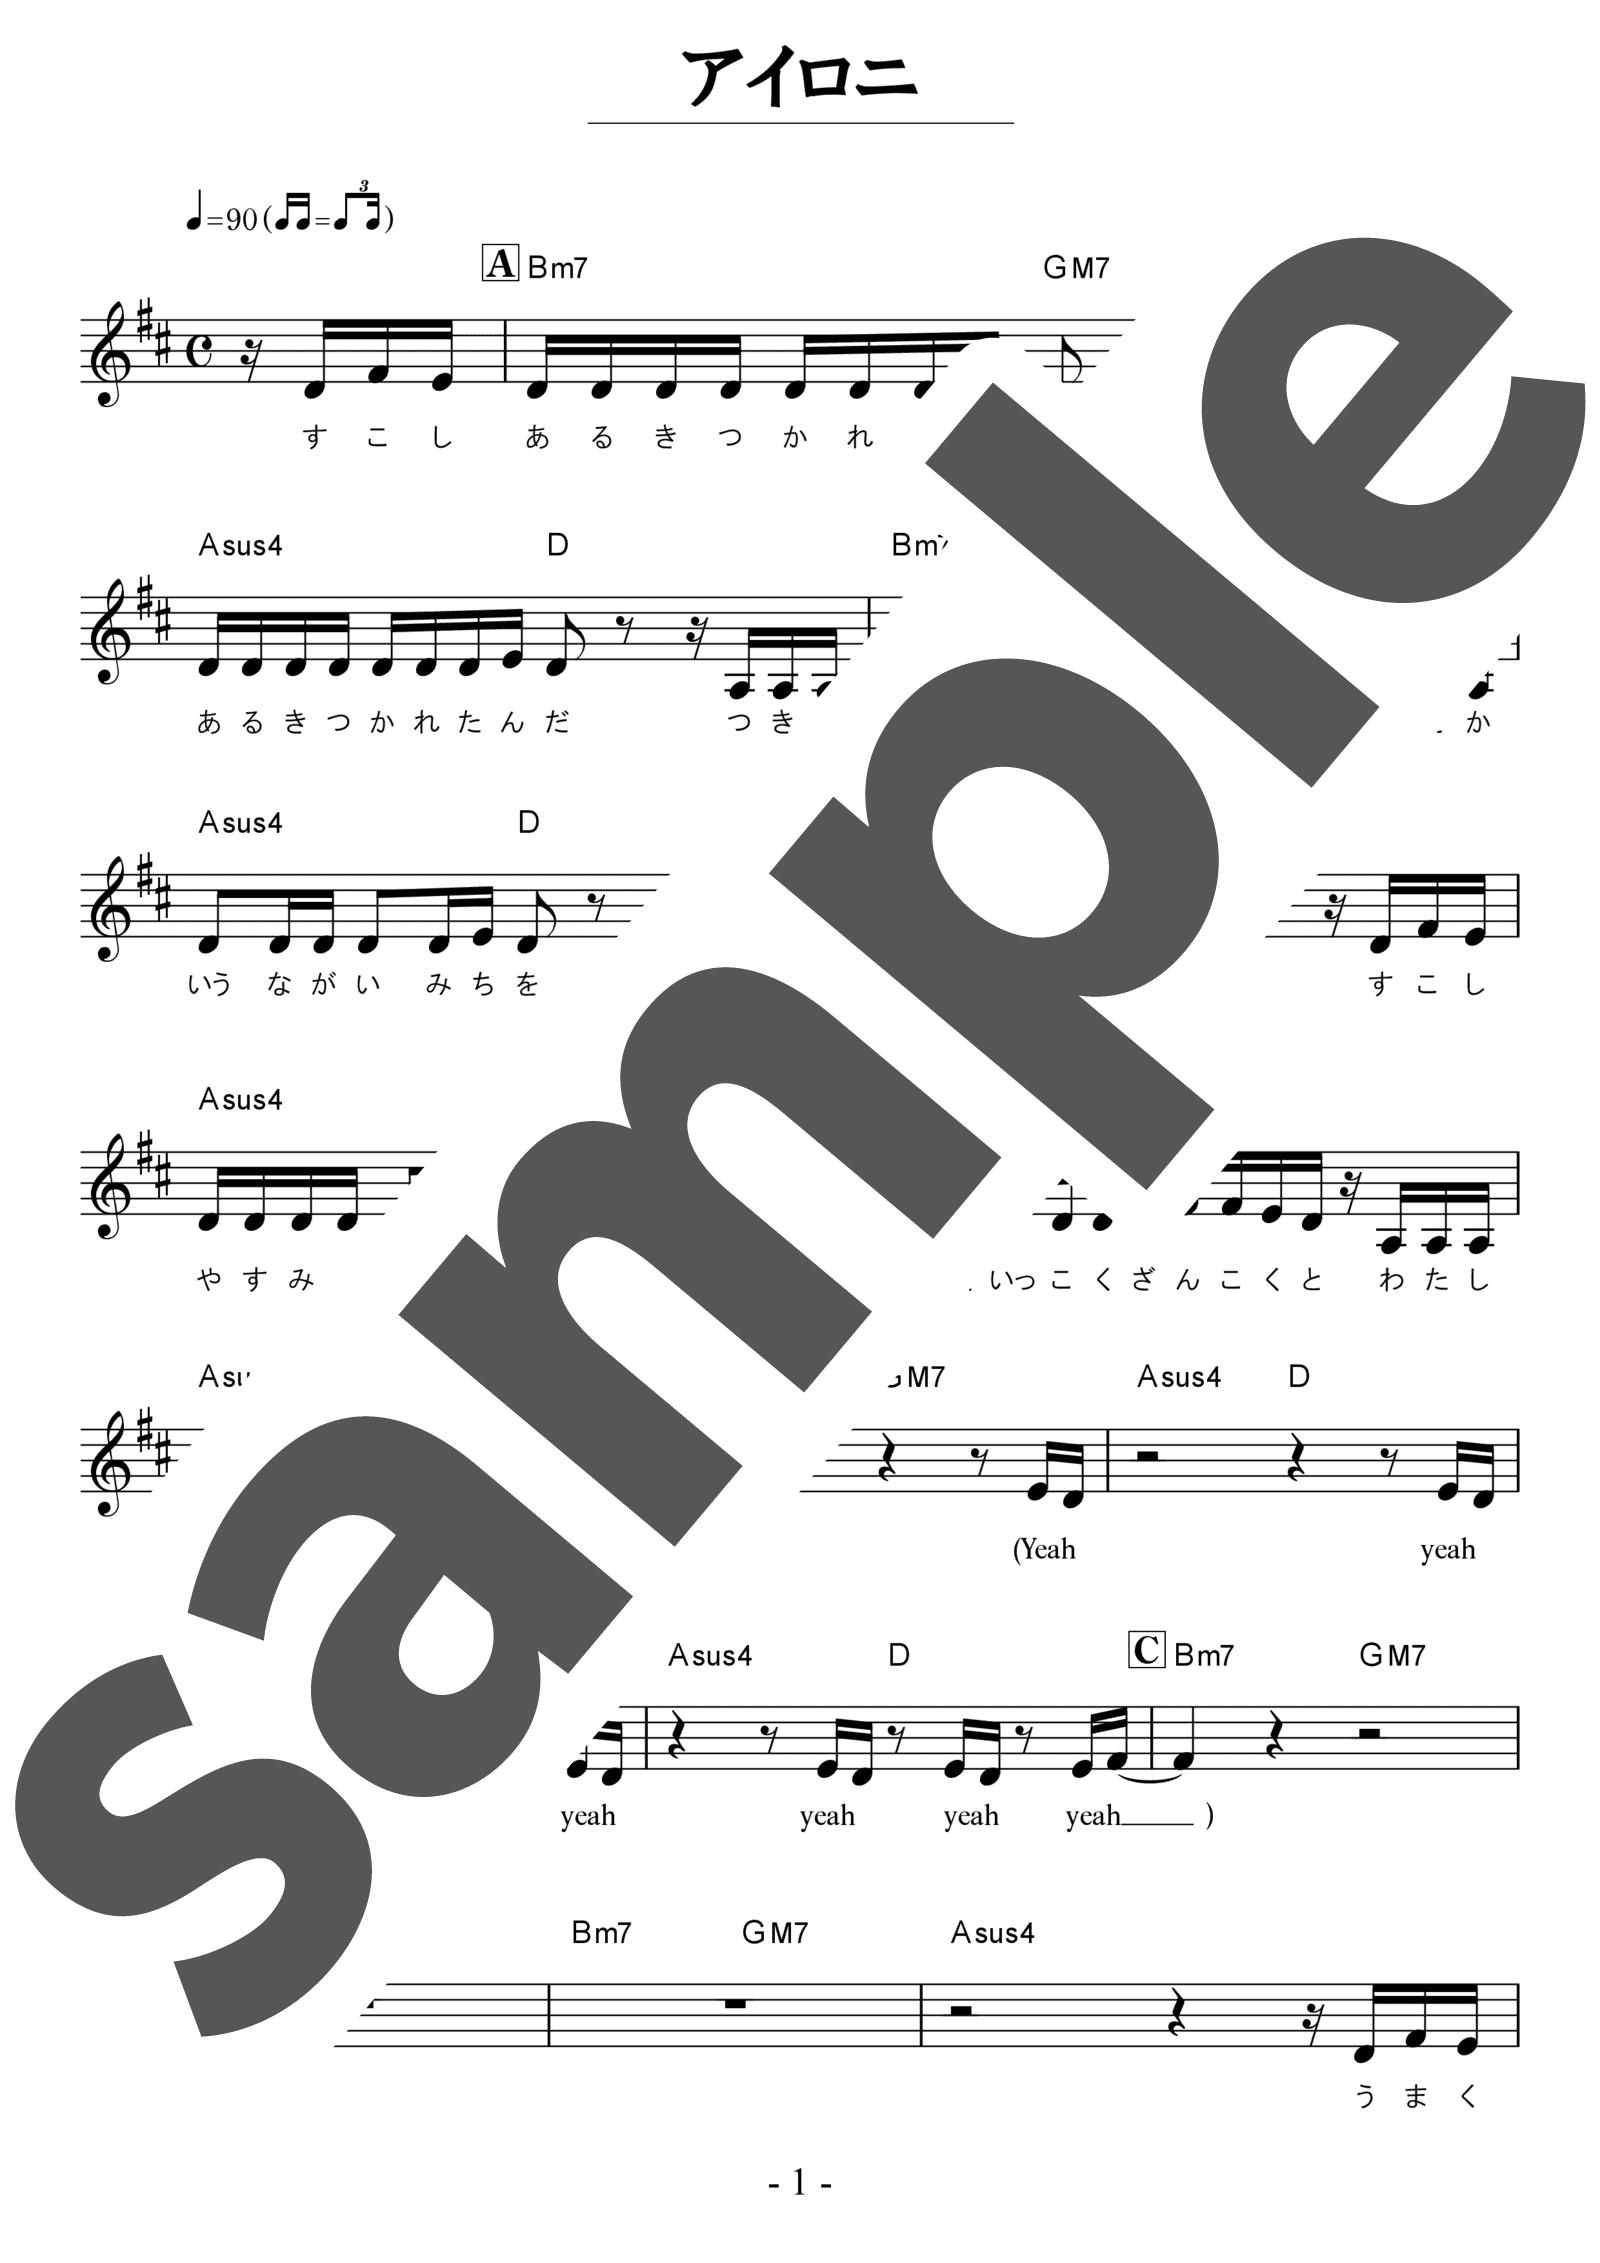 「アイロニ」のサンプル楽譜